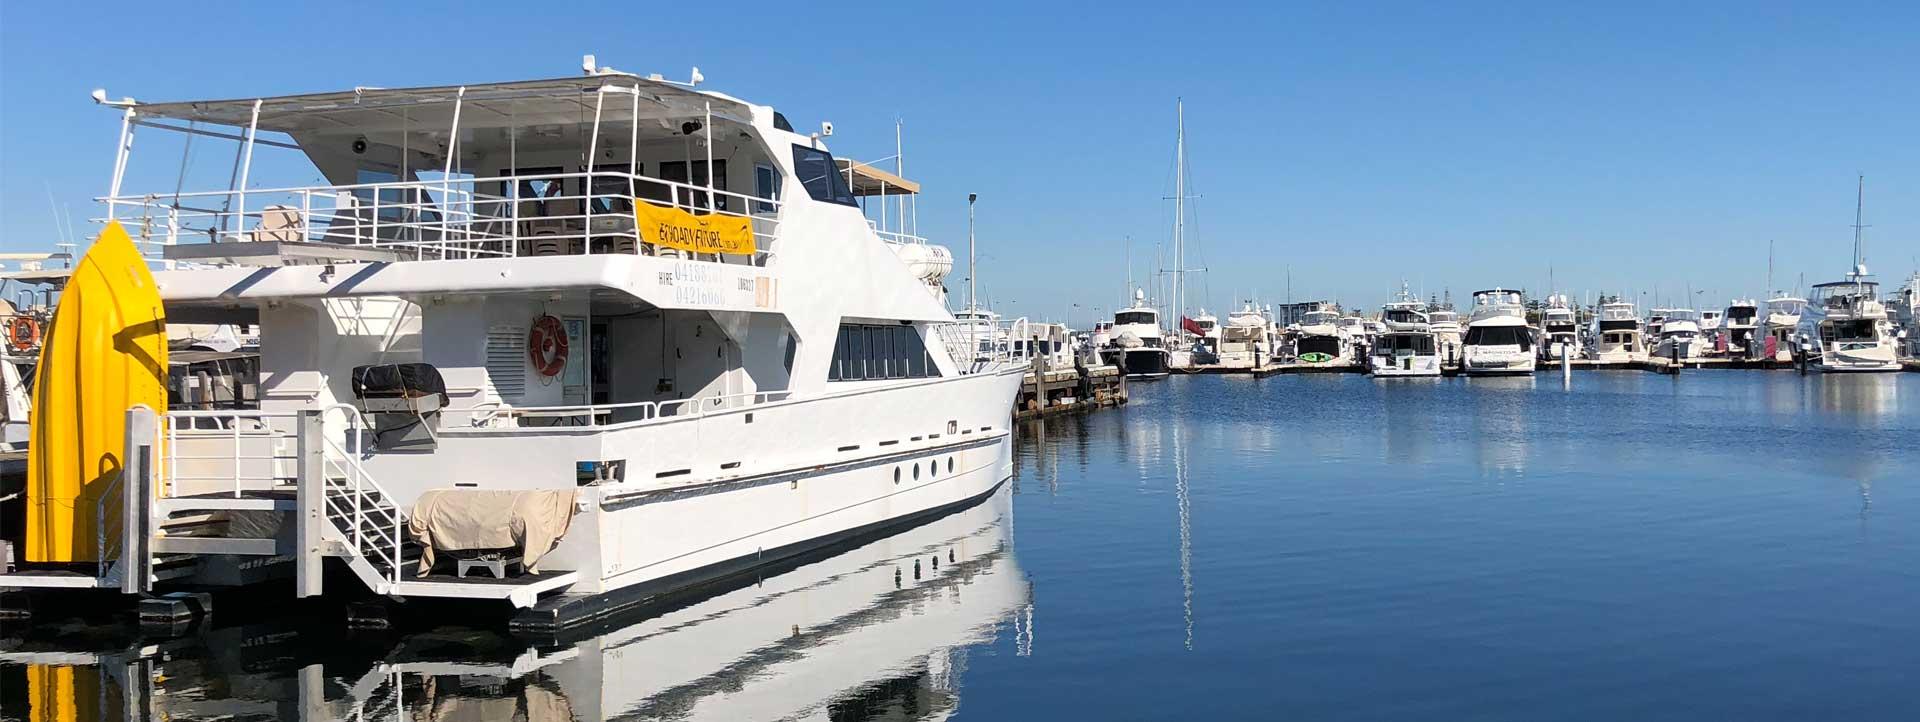 SPIRIT-OF-LOVE-fremantle-harbour